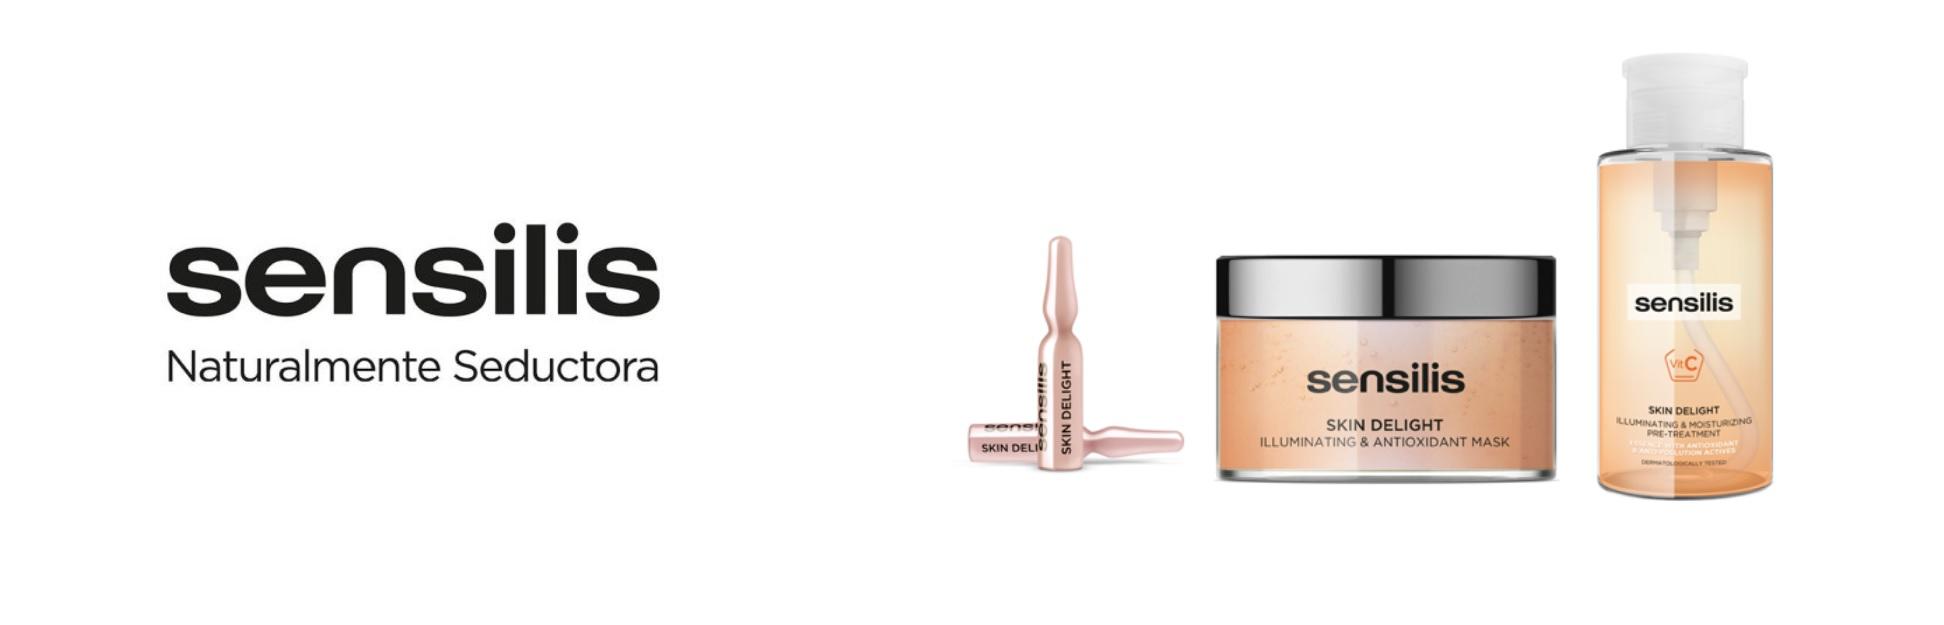 sensilis Skin delight gama de productos en farma2go